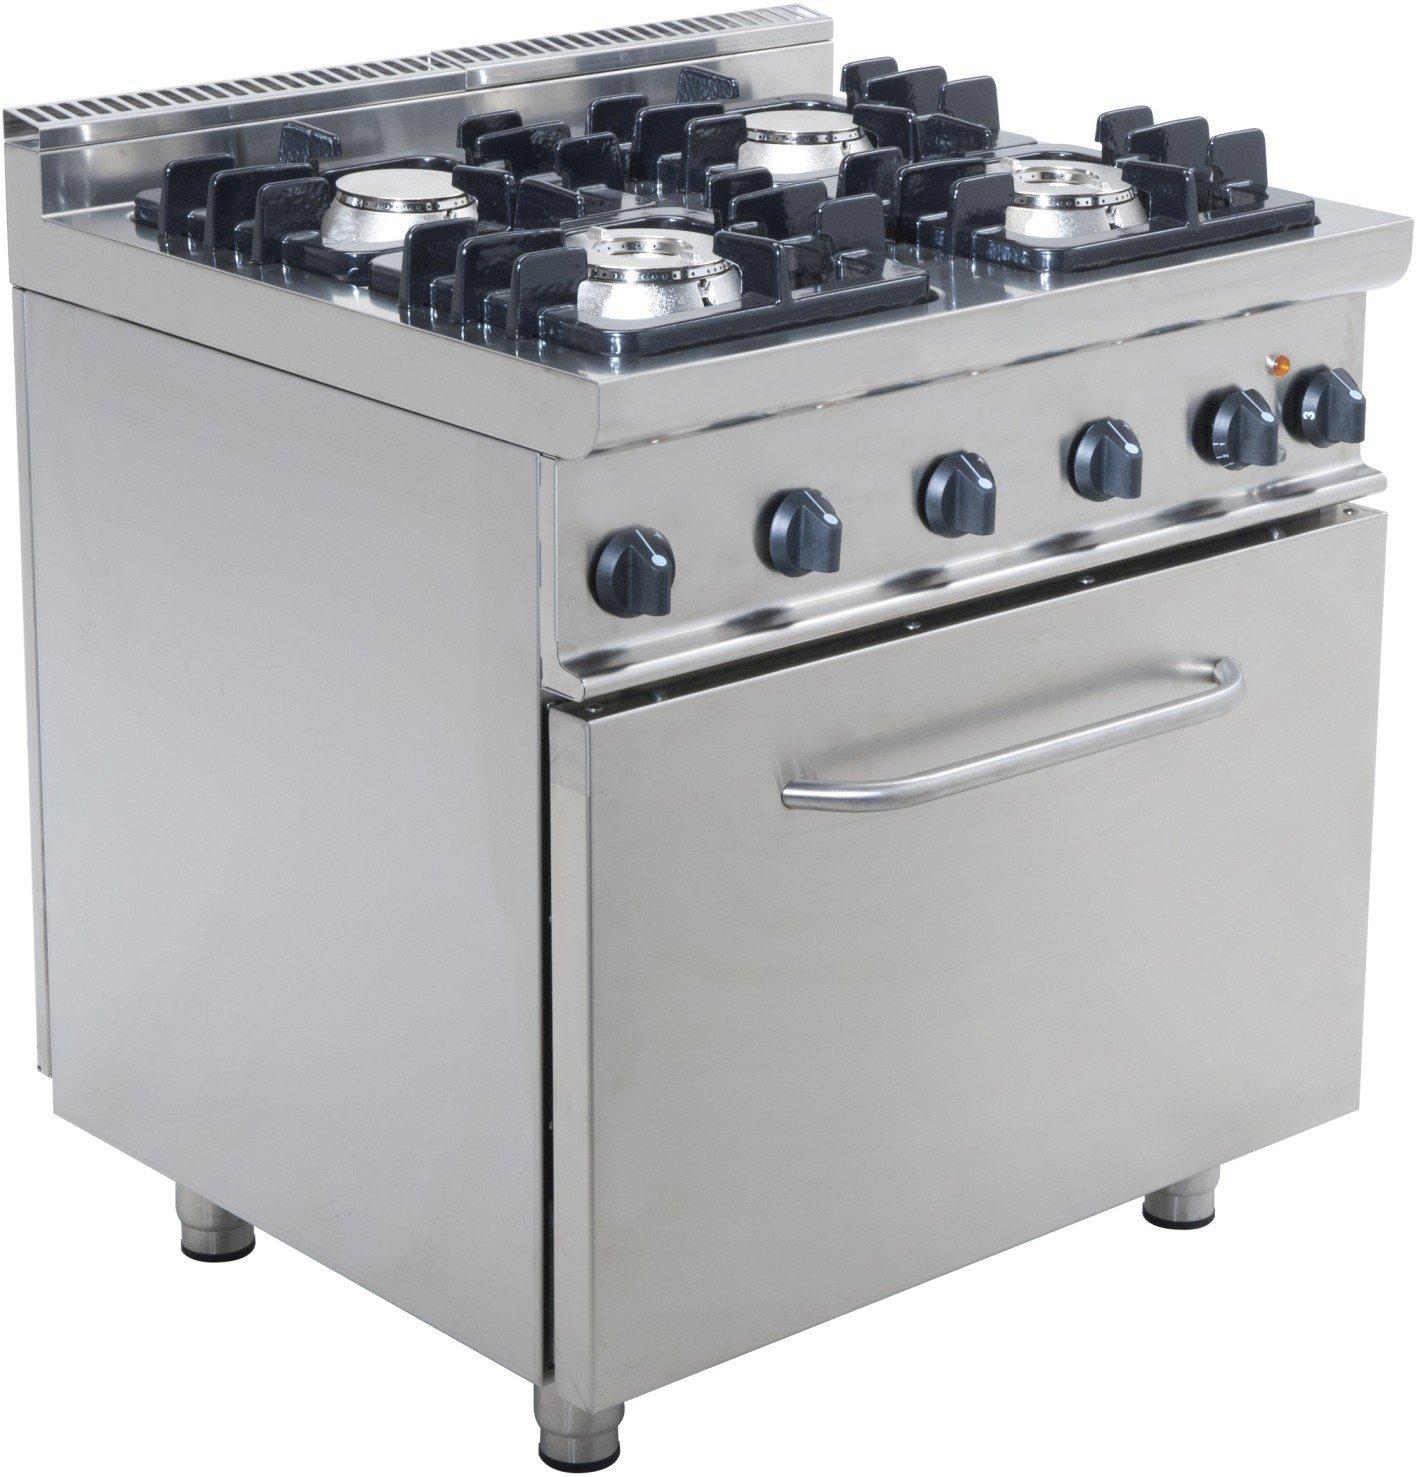 Cuisinière Feux Gaz Sur Four électrique EKUPGLE SARO - Cuisiniere four electrique 4 feux gaz pour idees de deco de cuisine